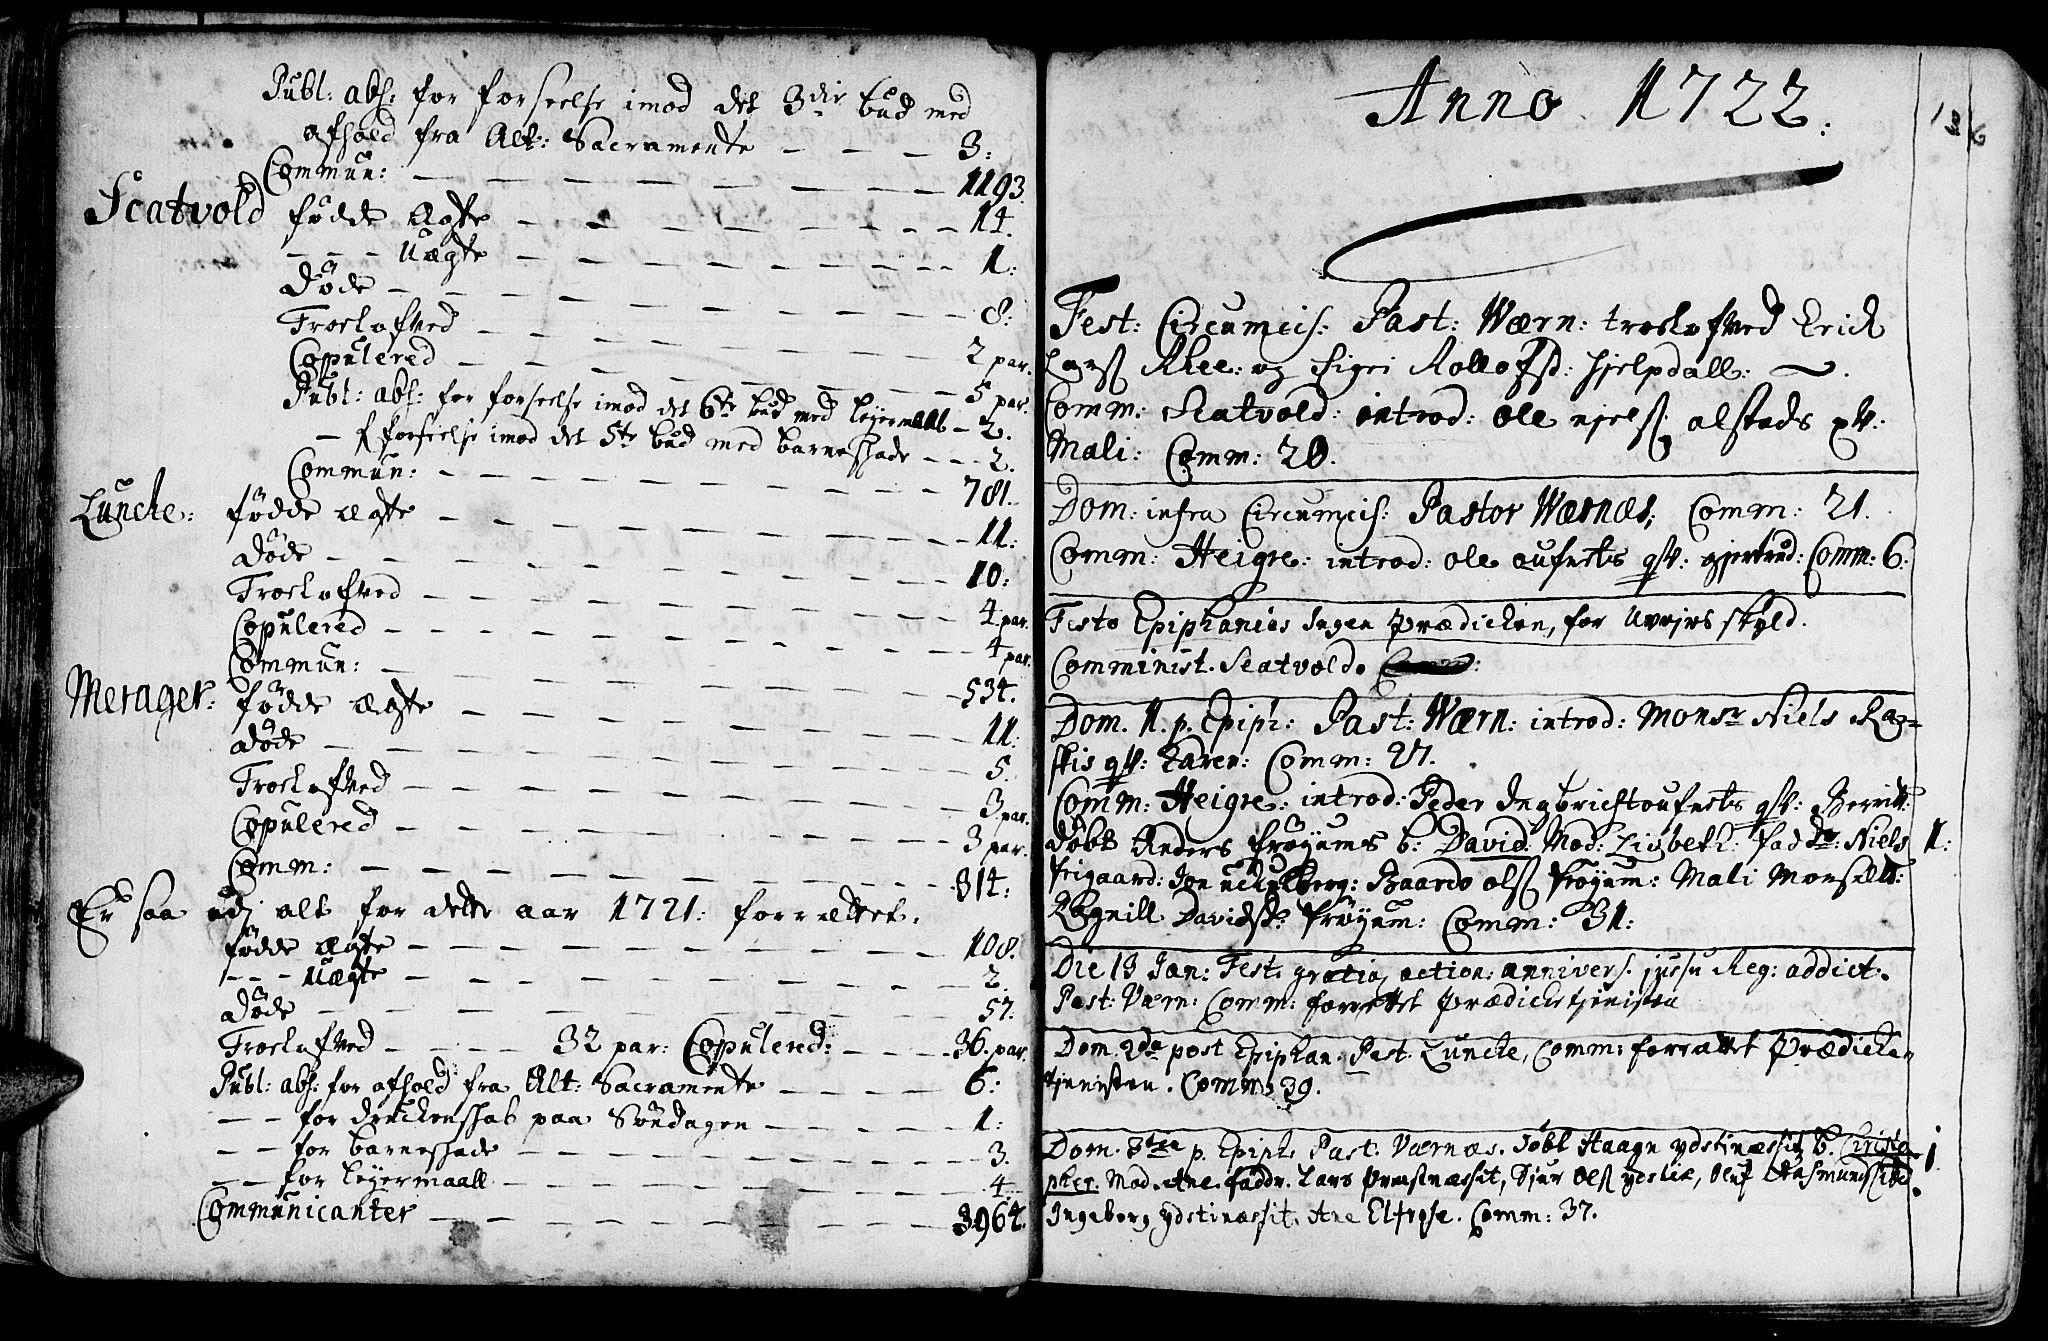 SAT, Ministerialprotokoller, klokkerbøker og fødselsregistre - Nord-Trøndelag, 709/L0054: Ministerialbok nr. 709A02, 1714-1738, s. 135-136